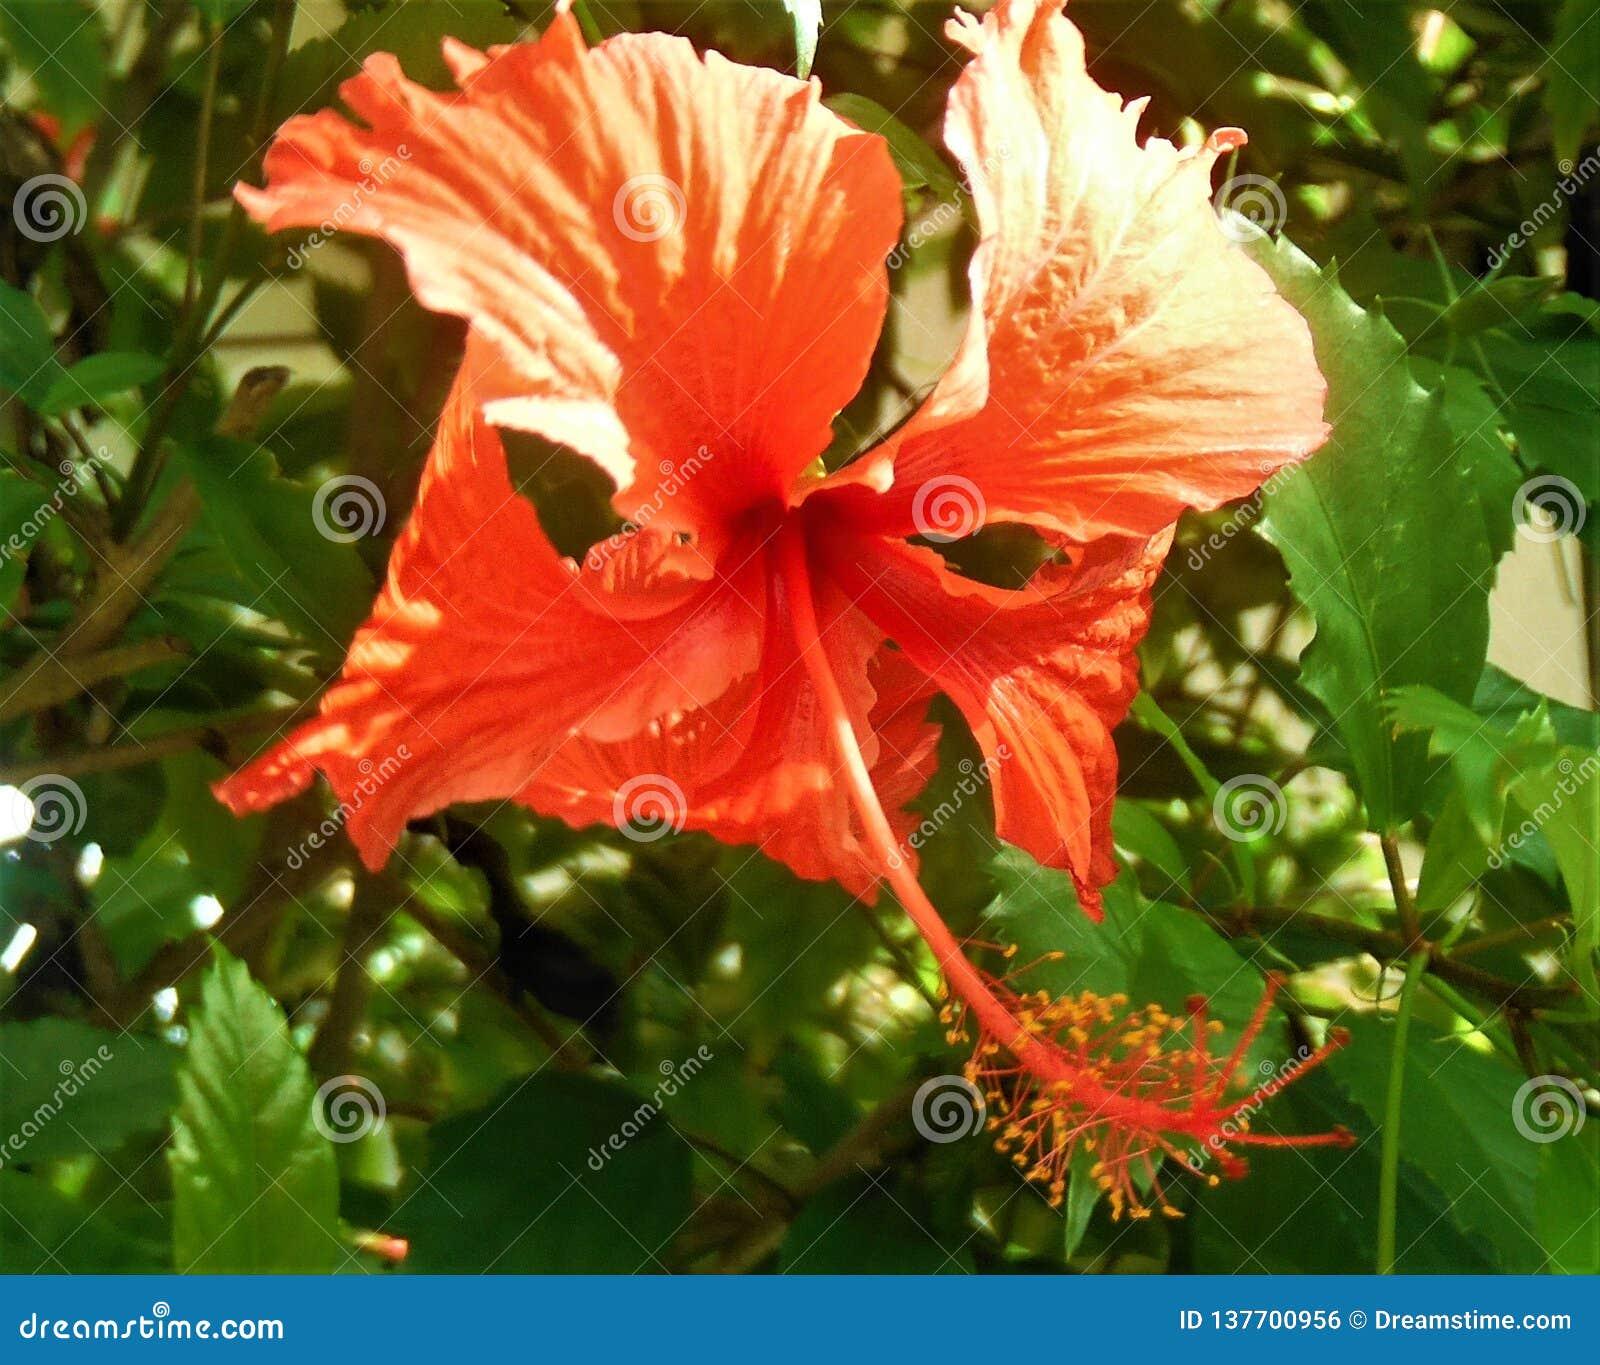 Tropische Blume in der Dominikanischen Republik